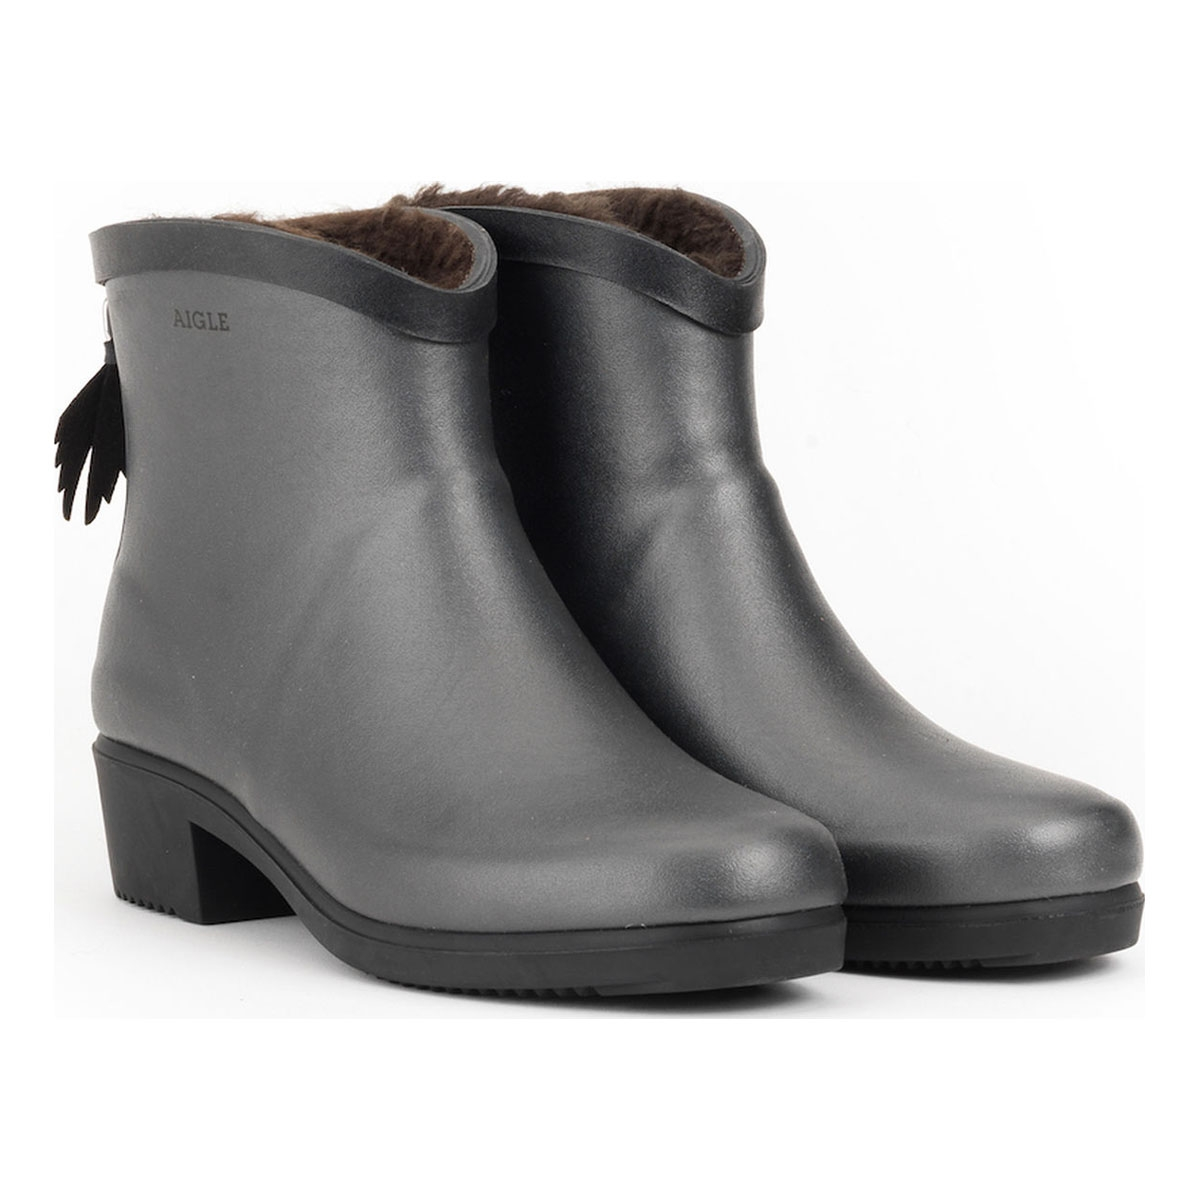 c03633eb498cc ... Image of Aigle Miss Juliette Bottillon Fur Ankle Boots (Women s) -  Metallic. «